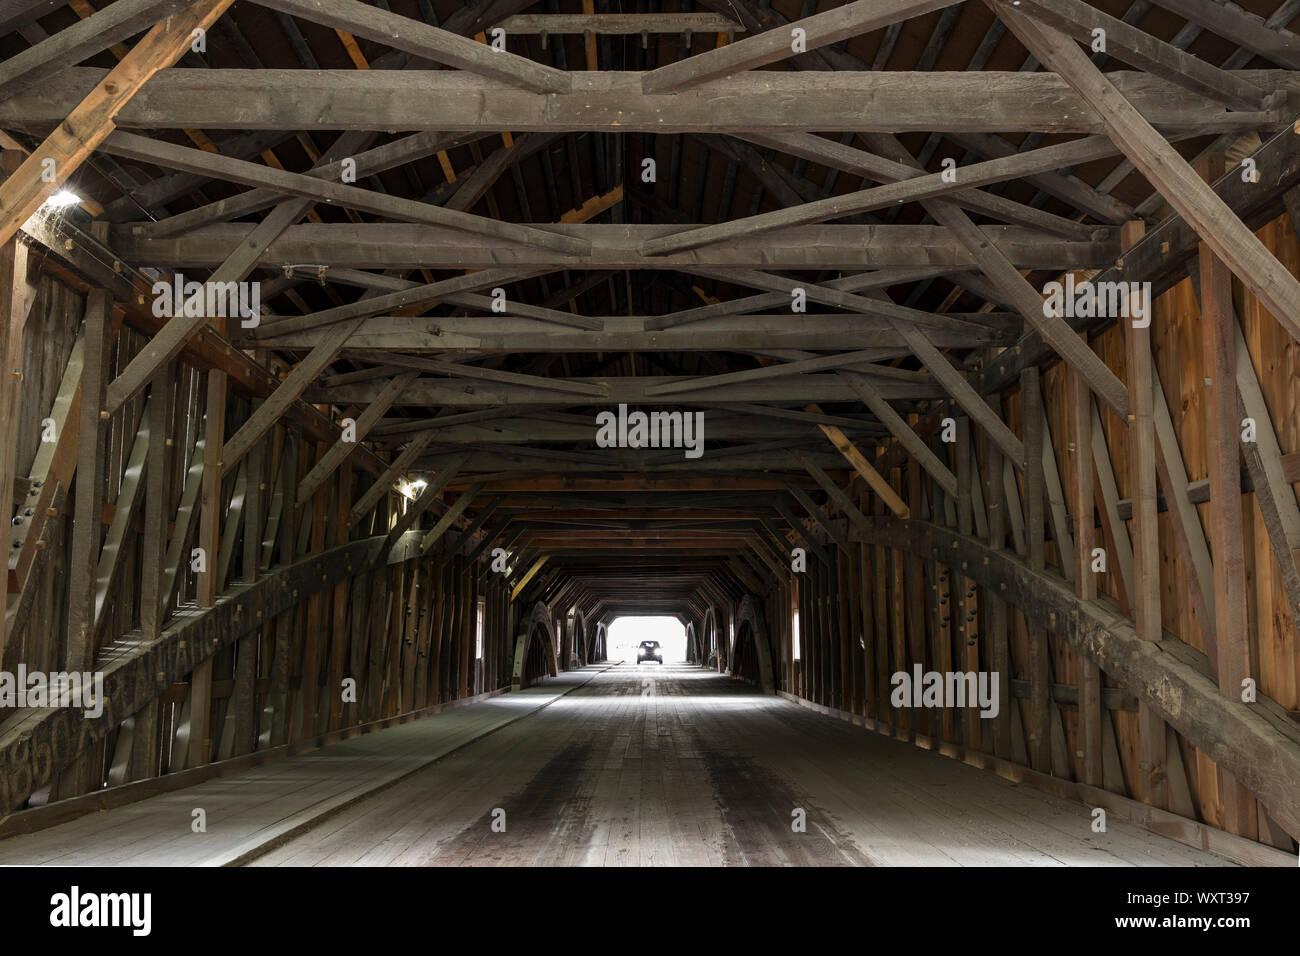 Poutres en treillis et des formes géométriques et la conduite automobile à travers pont couvert au New Hampshire, USA Banque D'Images